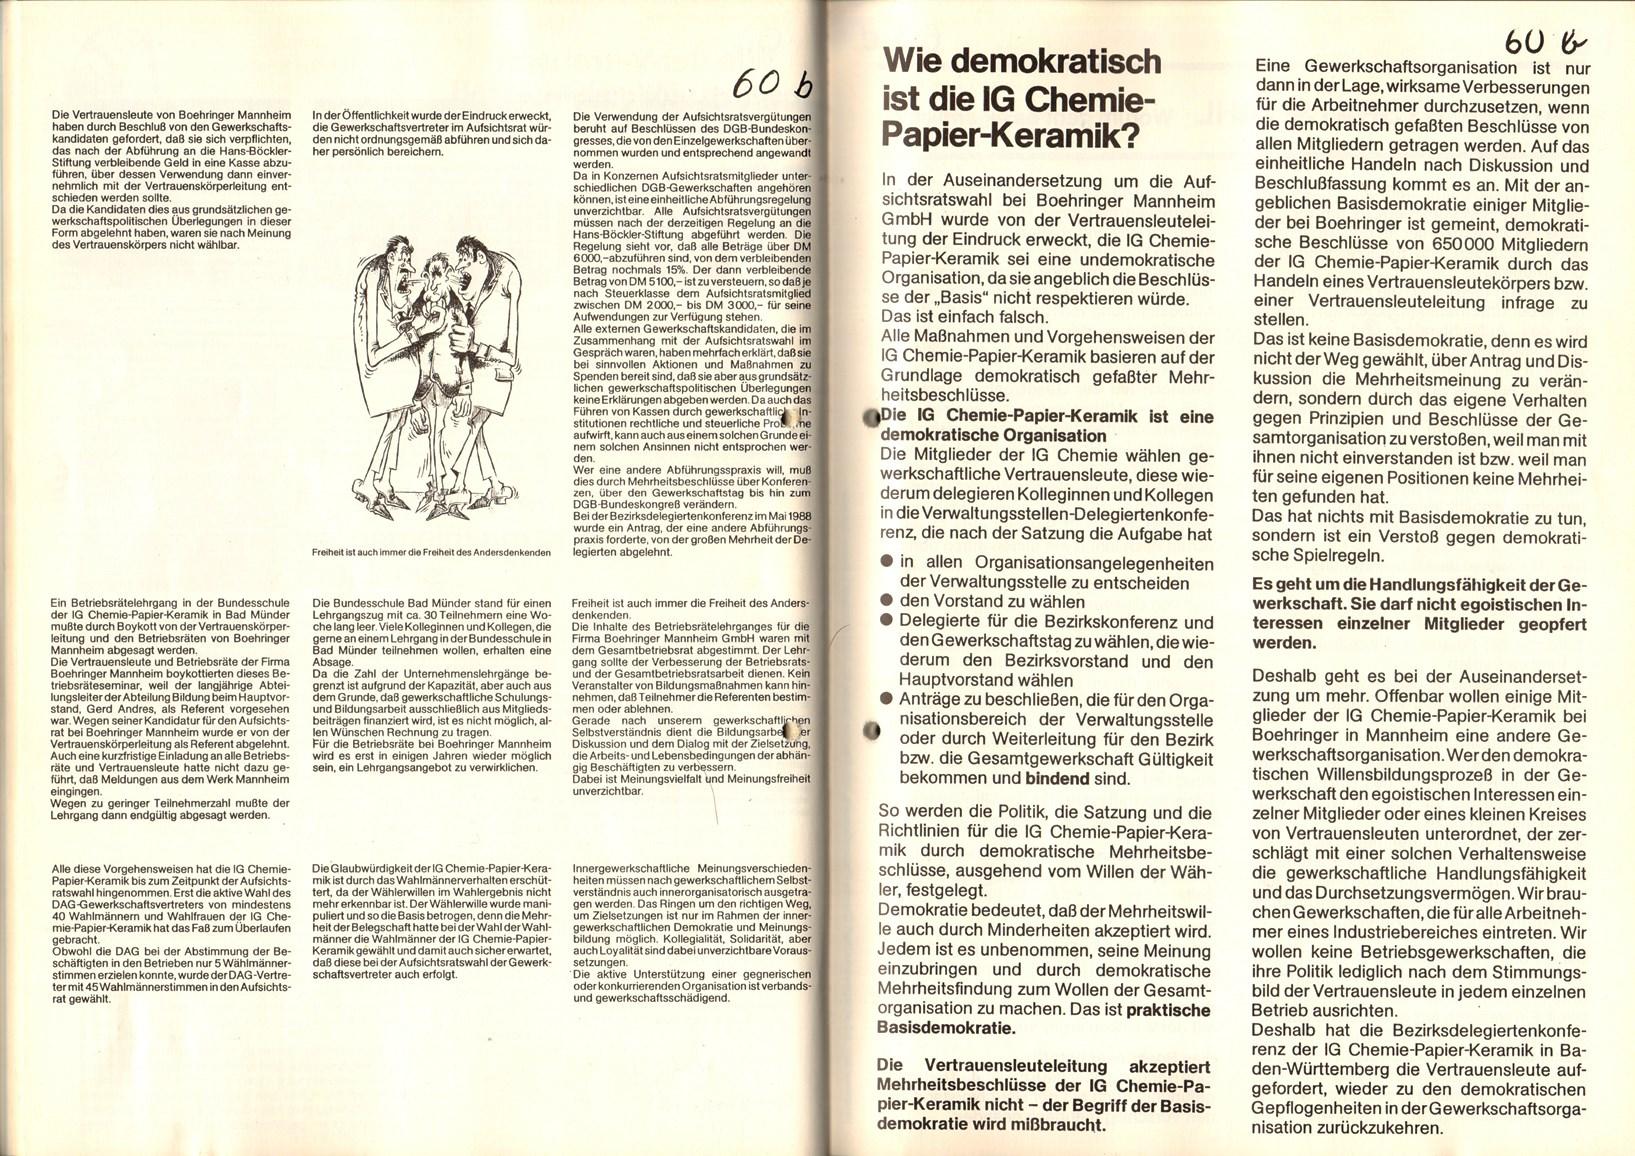 Mannheim_Boehringer_Ausschluss_VKL_Doku1_1988_55